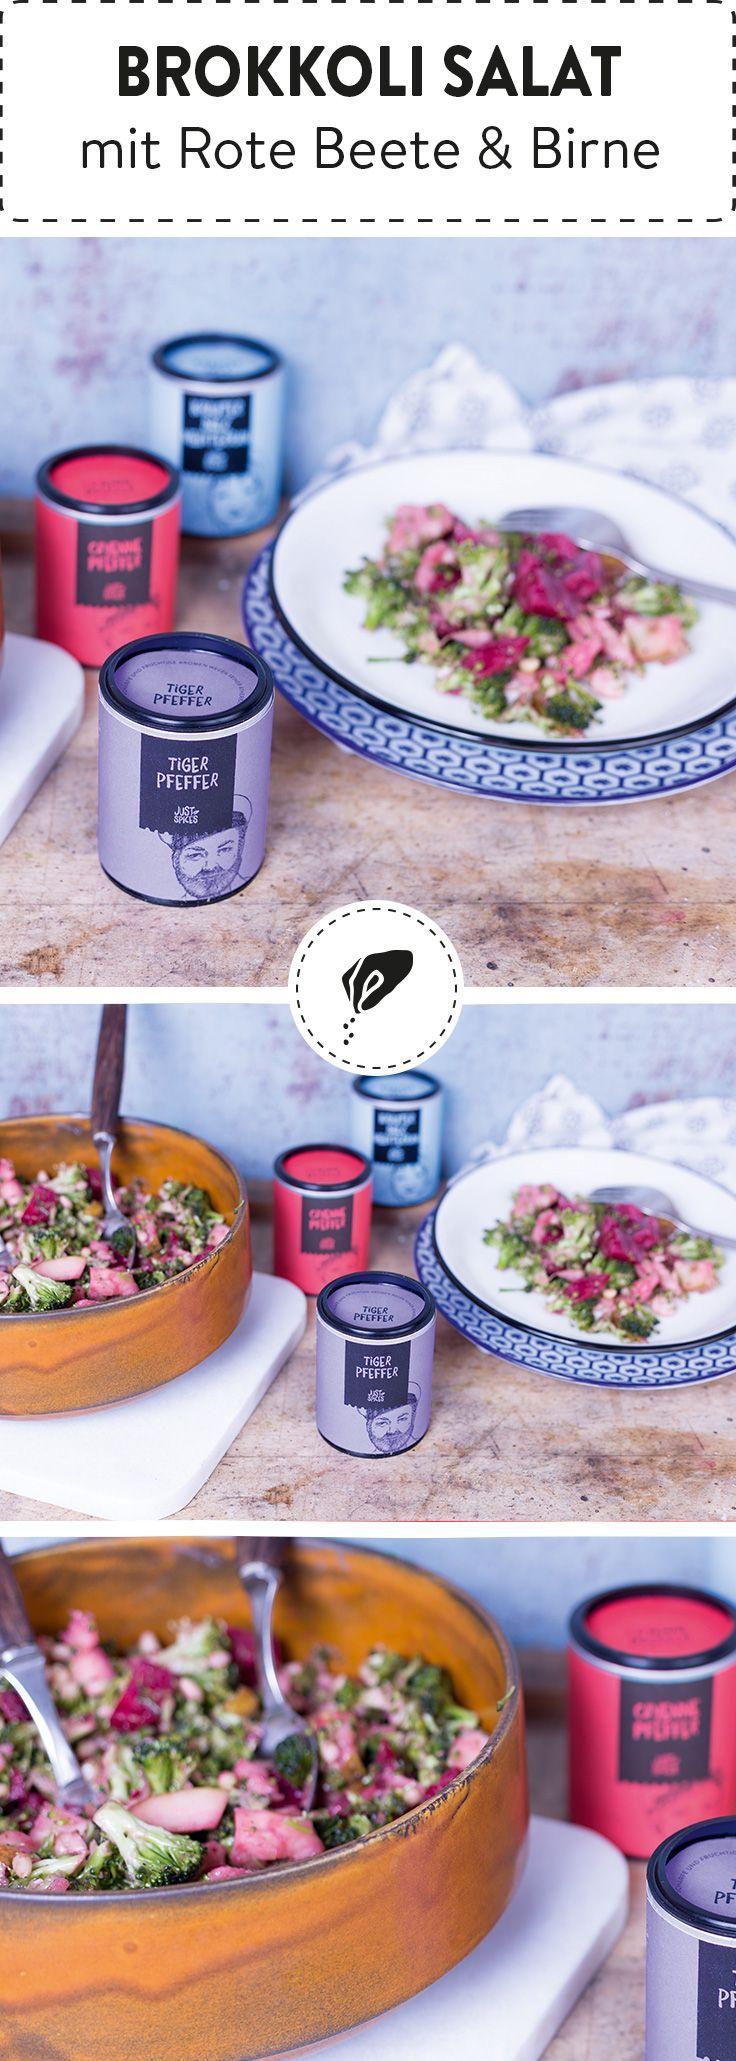 Dieser nährstoffreiche und gesunde Salat gibt euch richtig Power für den Tag und ist zudem unheimlich lecker.